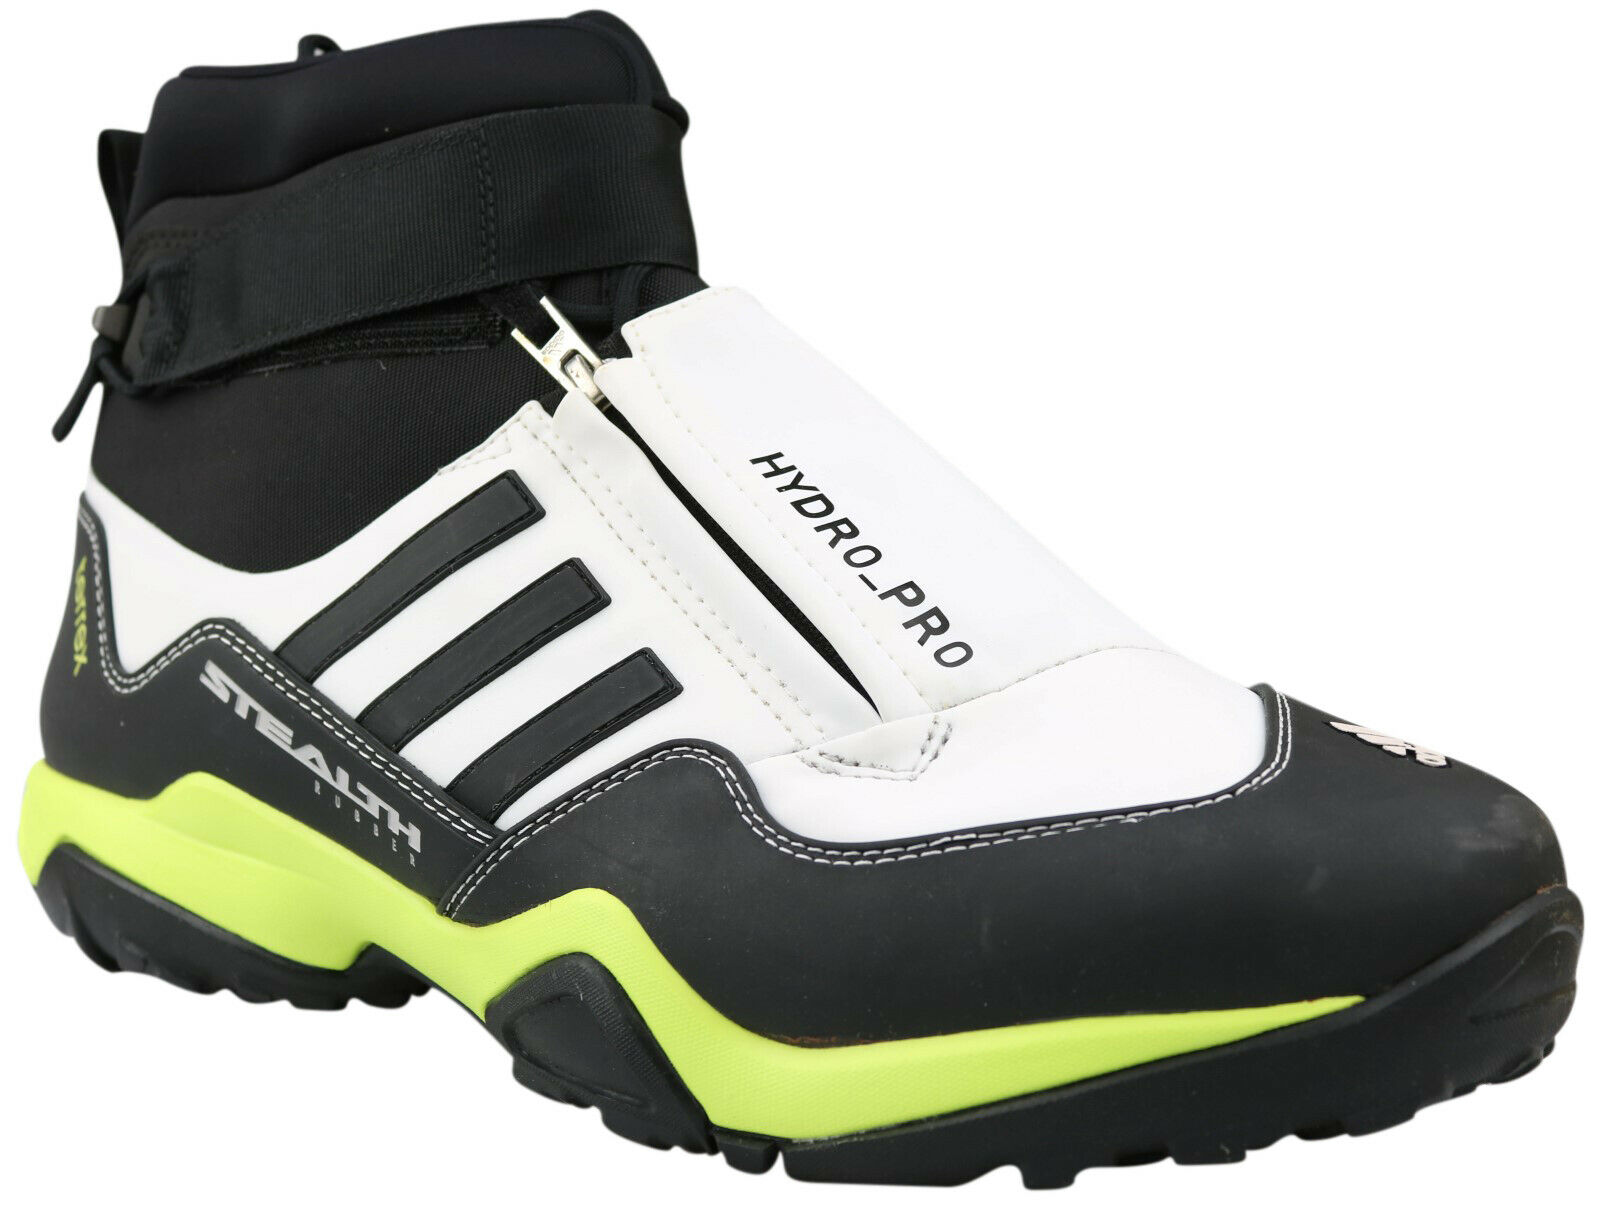 Adidas Terrex Hydro Lace Schuhe Stiefel Canyoning AF6104 schwarz weiß Gr 48 NEU